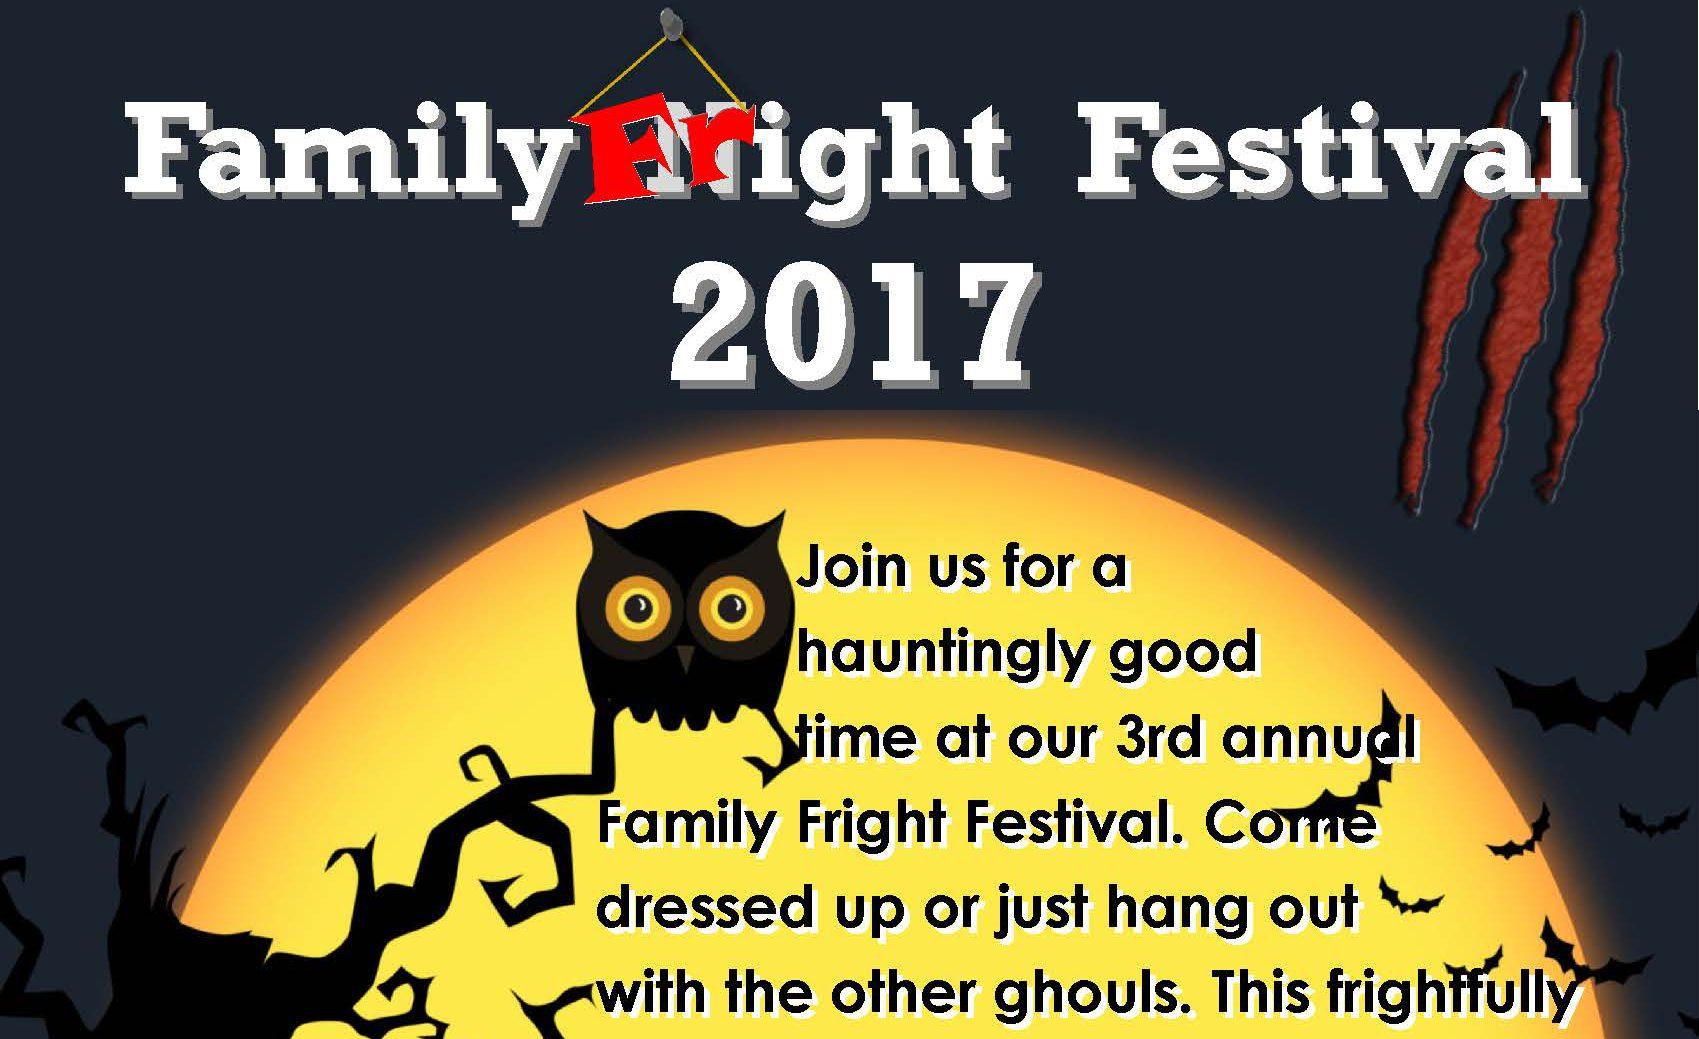 Family Fright Festival Flyer